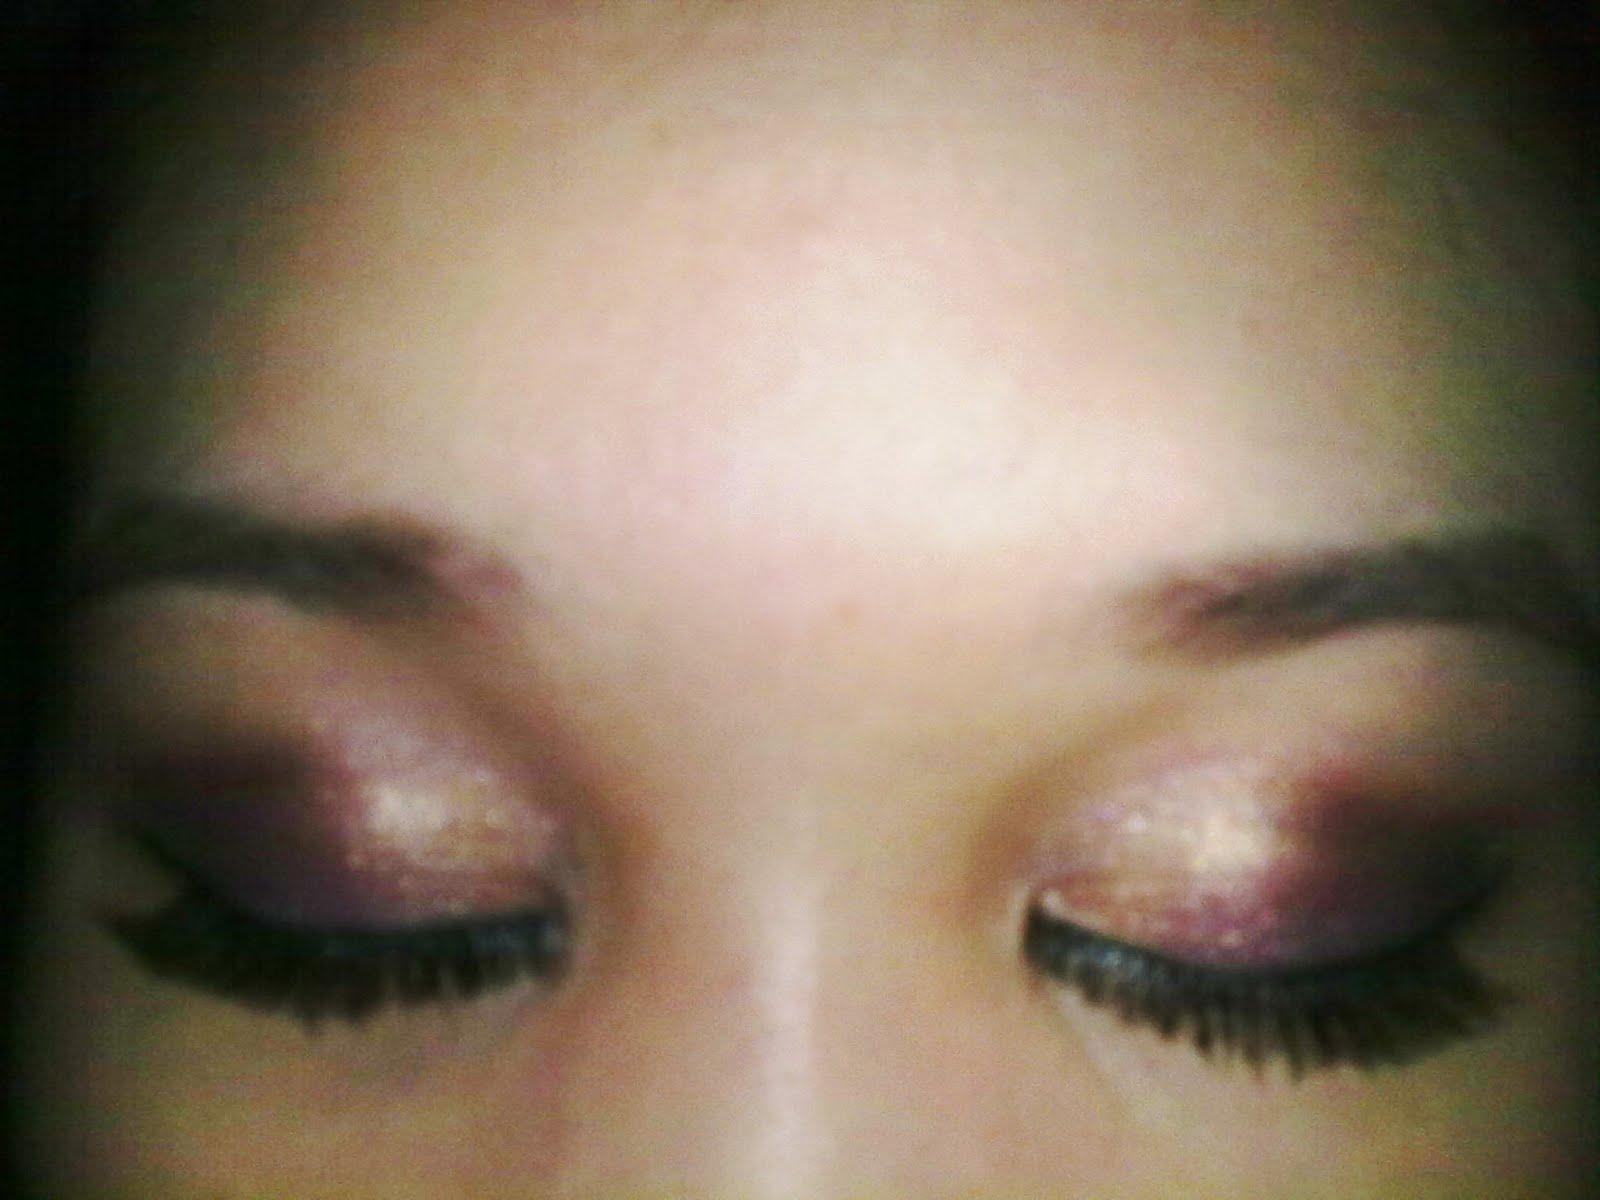 mac trax eyeshadow dupe - photo #40